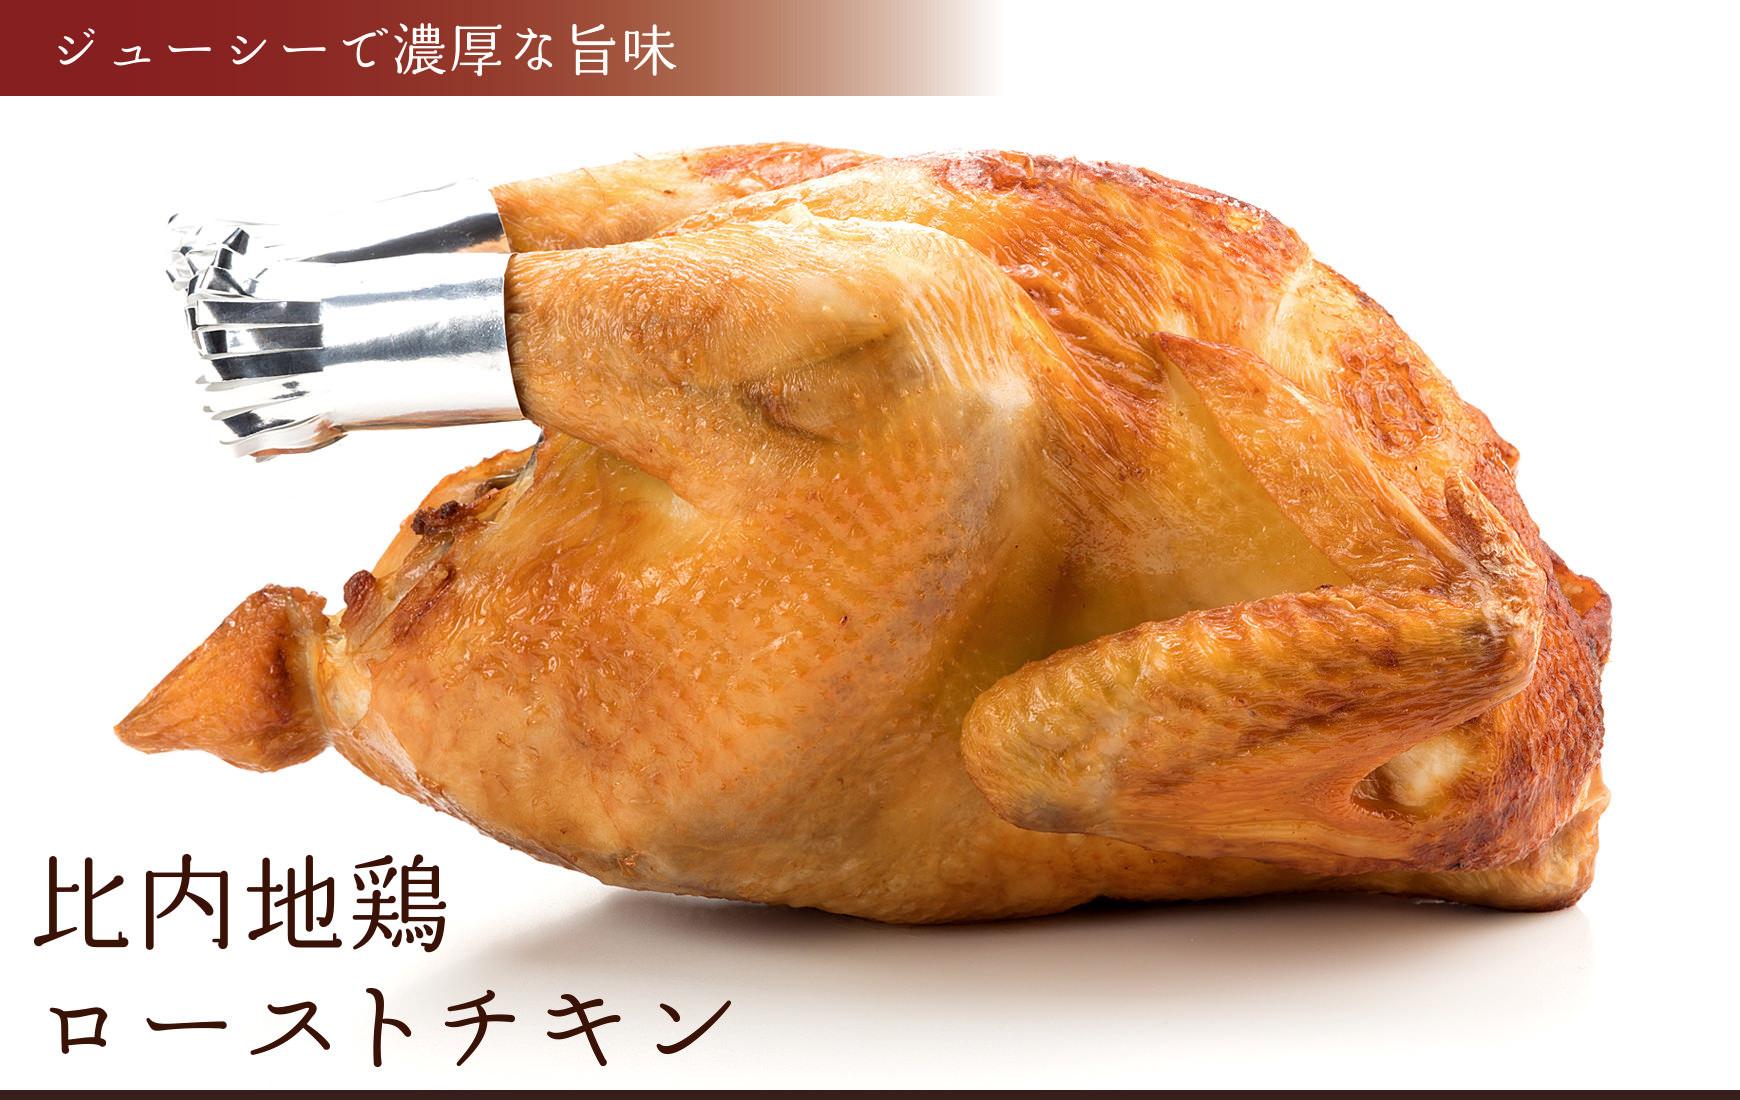 ジューシーで濃厚な旨味。比内地鶏ローストチキン